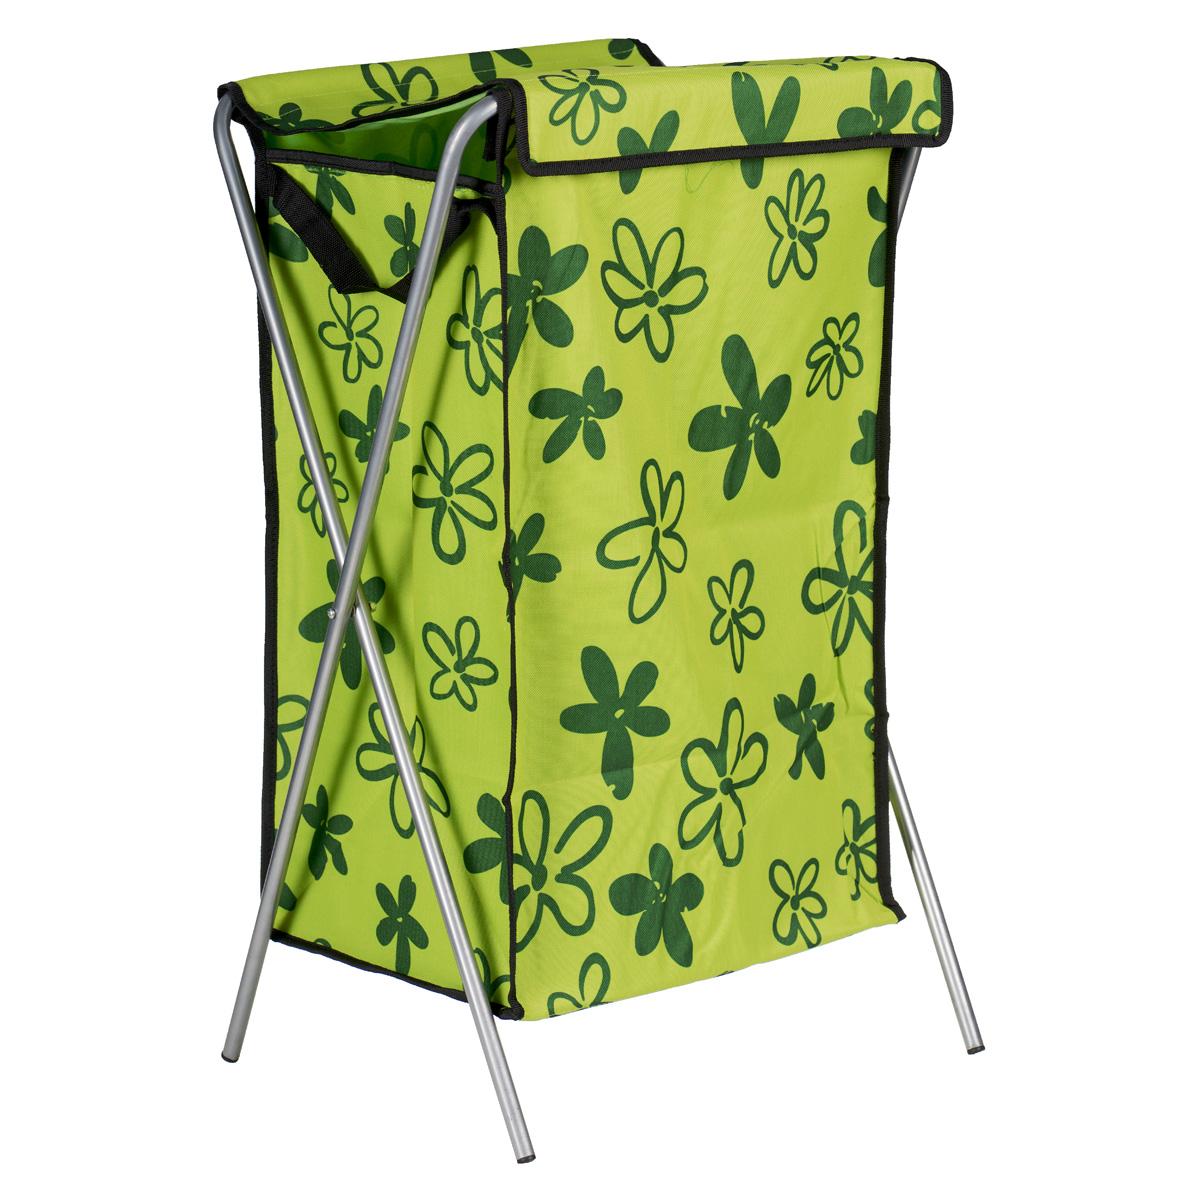 Корзина для белья Цветочки, цвет: зеленый, 40 х 40 х 65 см2000001057643_зеленыйКорзина для белья изготовлена из высококачественного цветного полиэстера, декорирована ярким красочным рисунком и предназначена для сбора и хранения вещей перед стиркой. Корзина имеет алюминиевый складывающийся каркас. Компактная и легкая, она не занимает много места, аккуратно хранит белье. Изделие оснащено крышкой из полиэстера. Такая корзина станет незаменимым аксессуаром ванной комнаты.